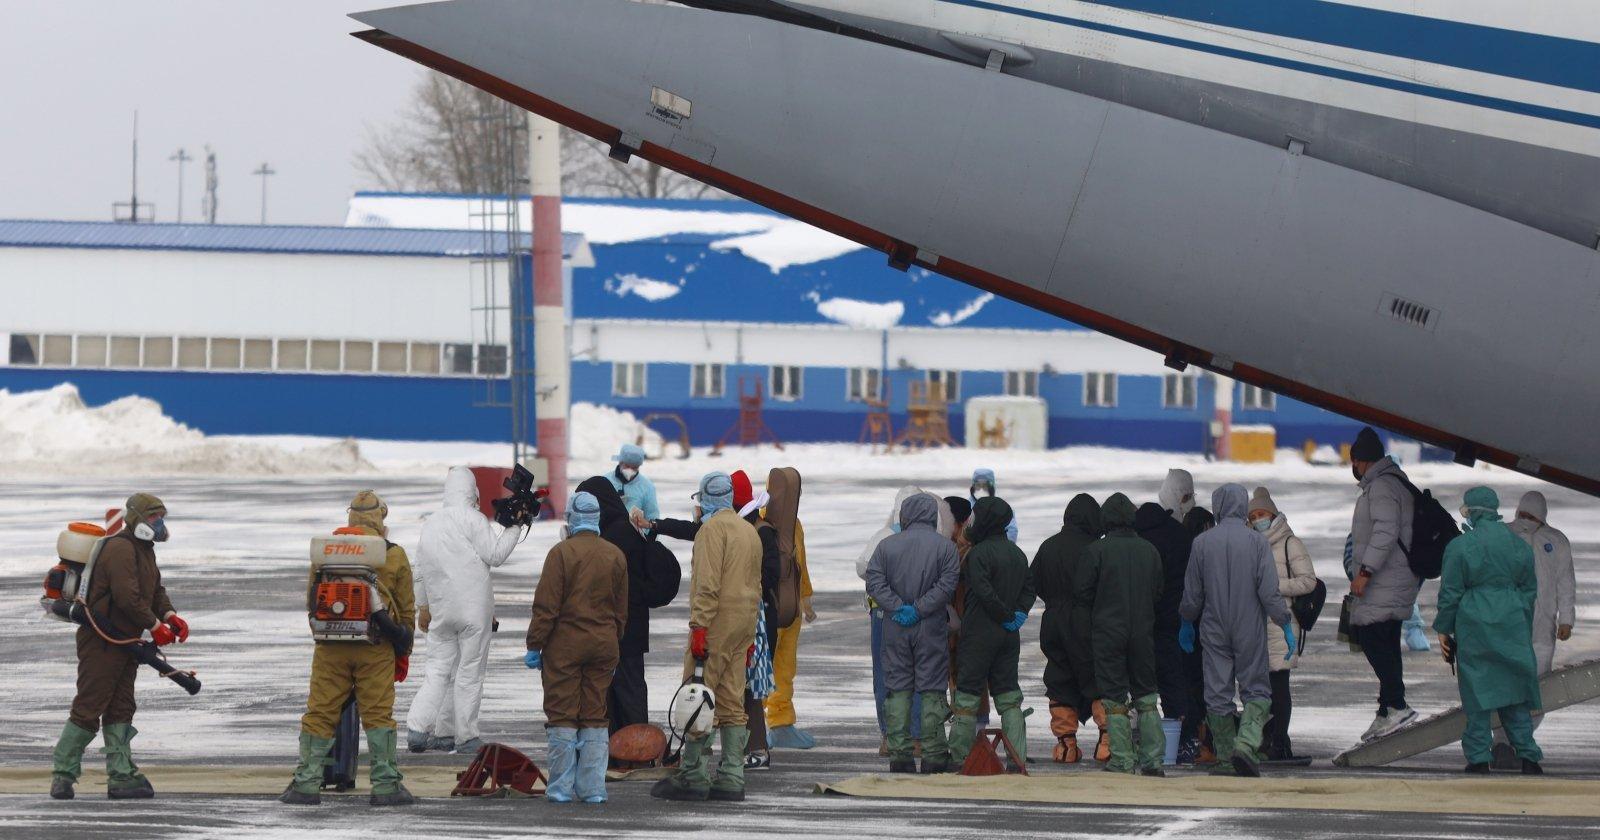 Два военных самолета эвакуировали изКитая 128 граждан России  - Природа